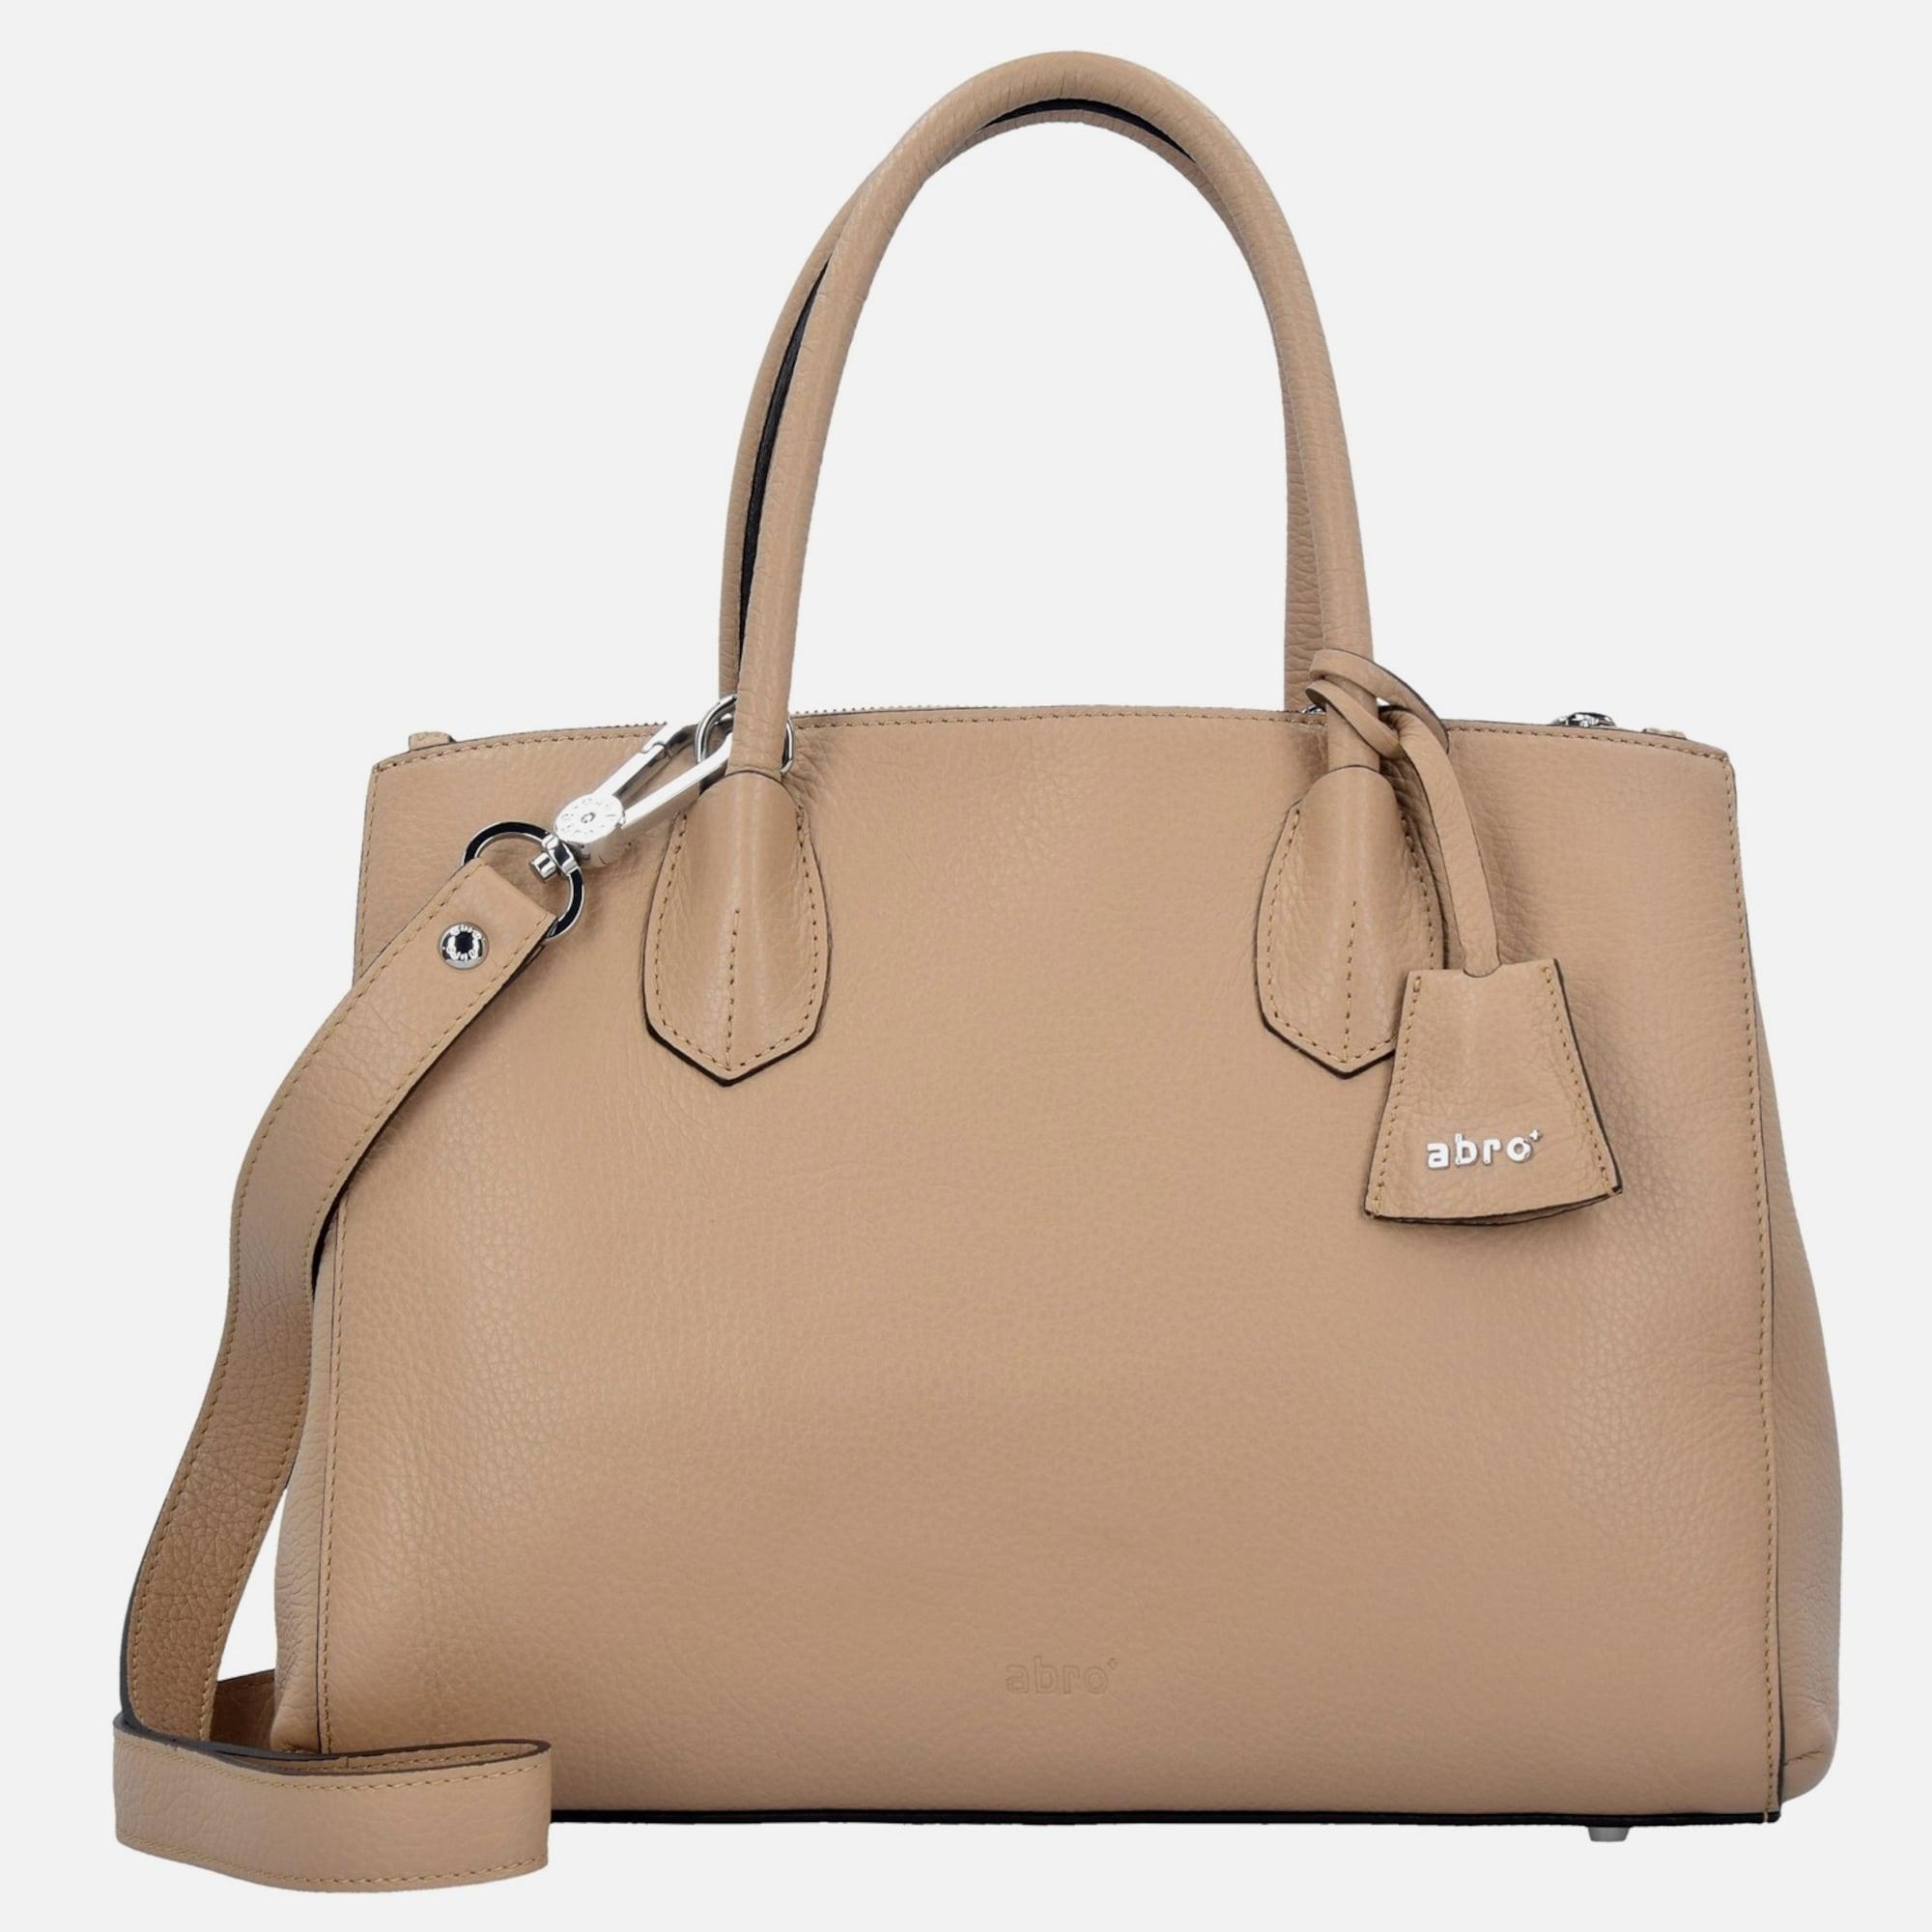 abro adria ii handtasche leder 32 cm in beige about you. Black Bedroom Furniture Sets. Home Design Ideas